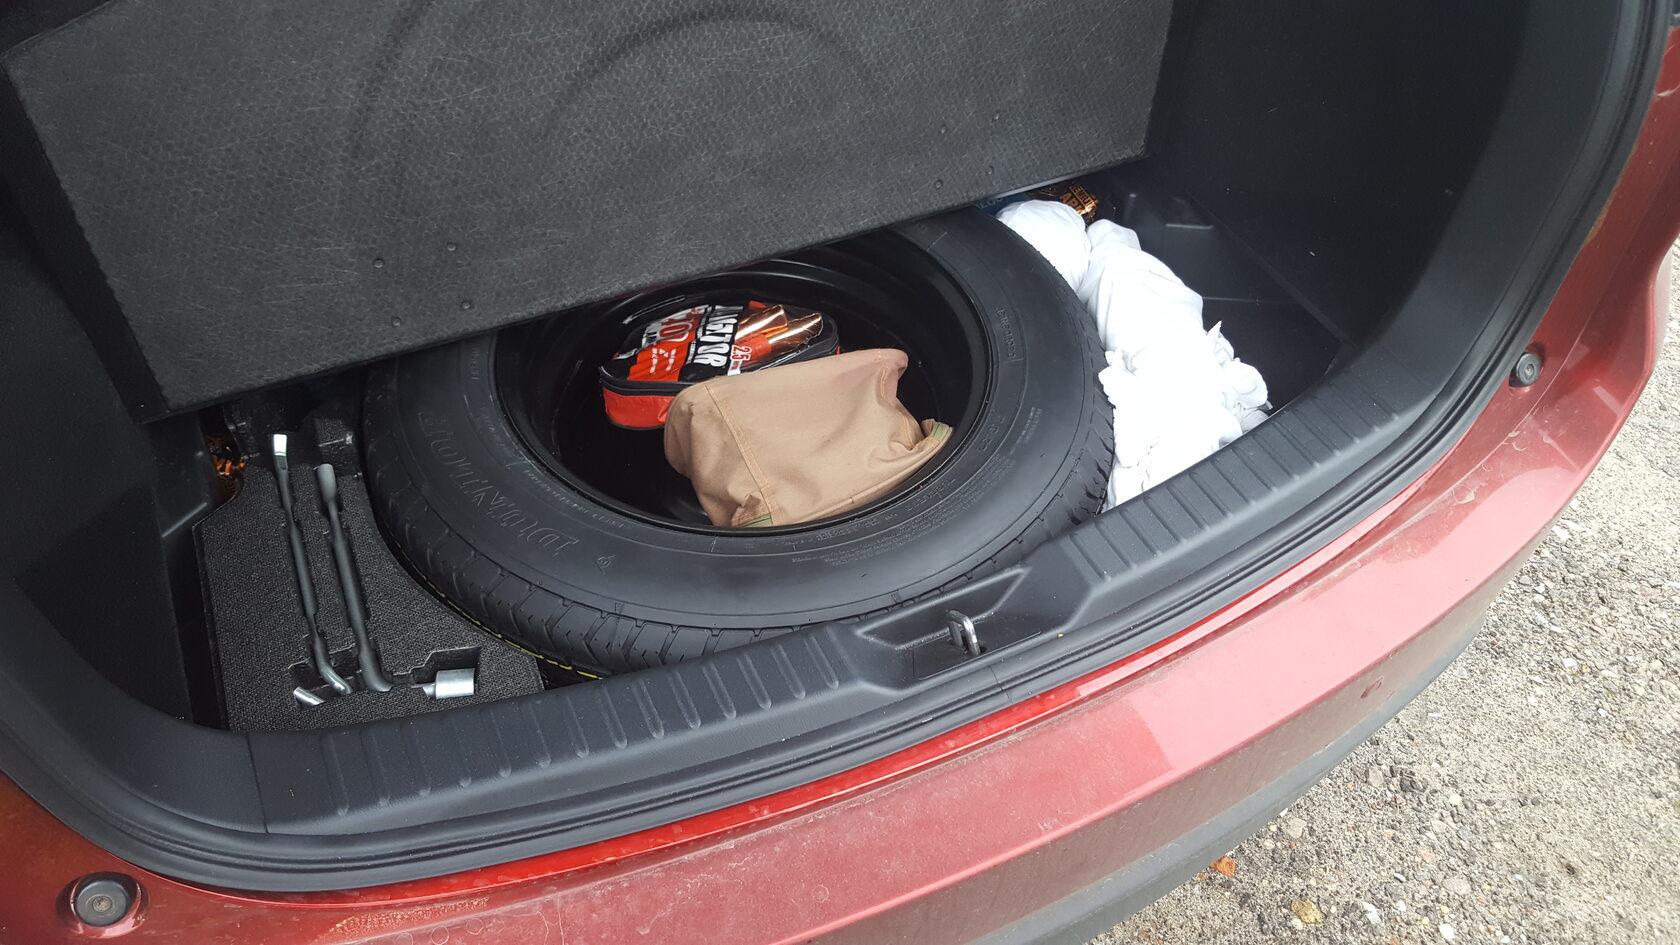 багажник mazda cx-5 второго поколения